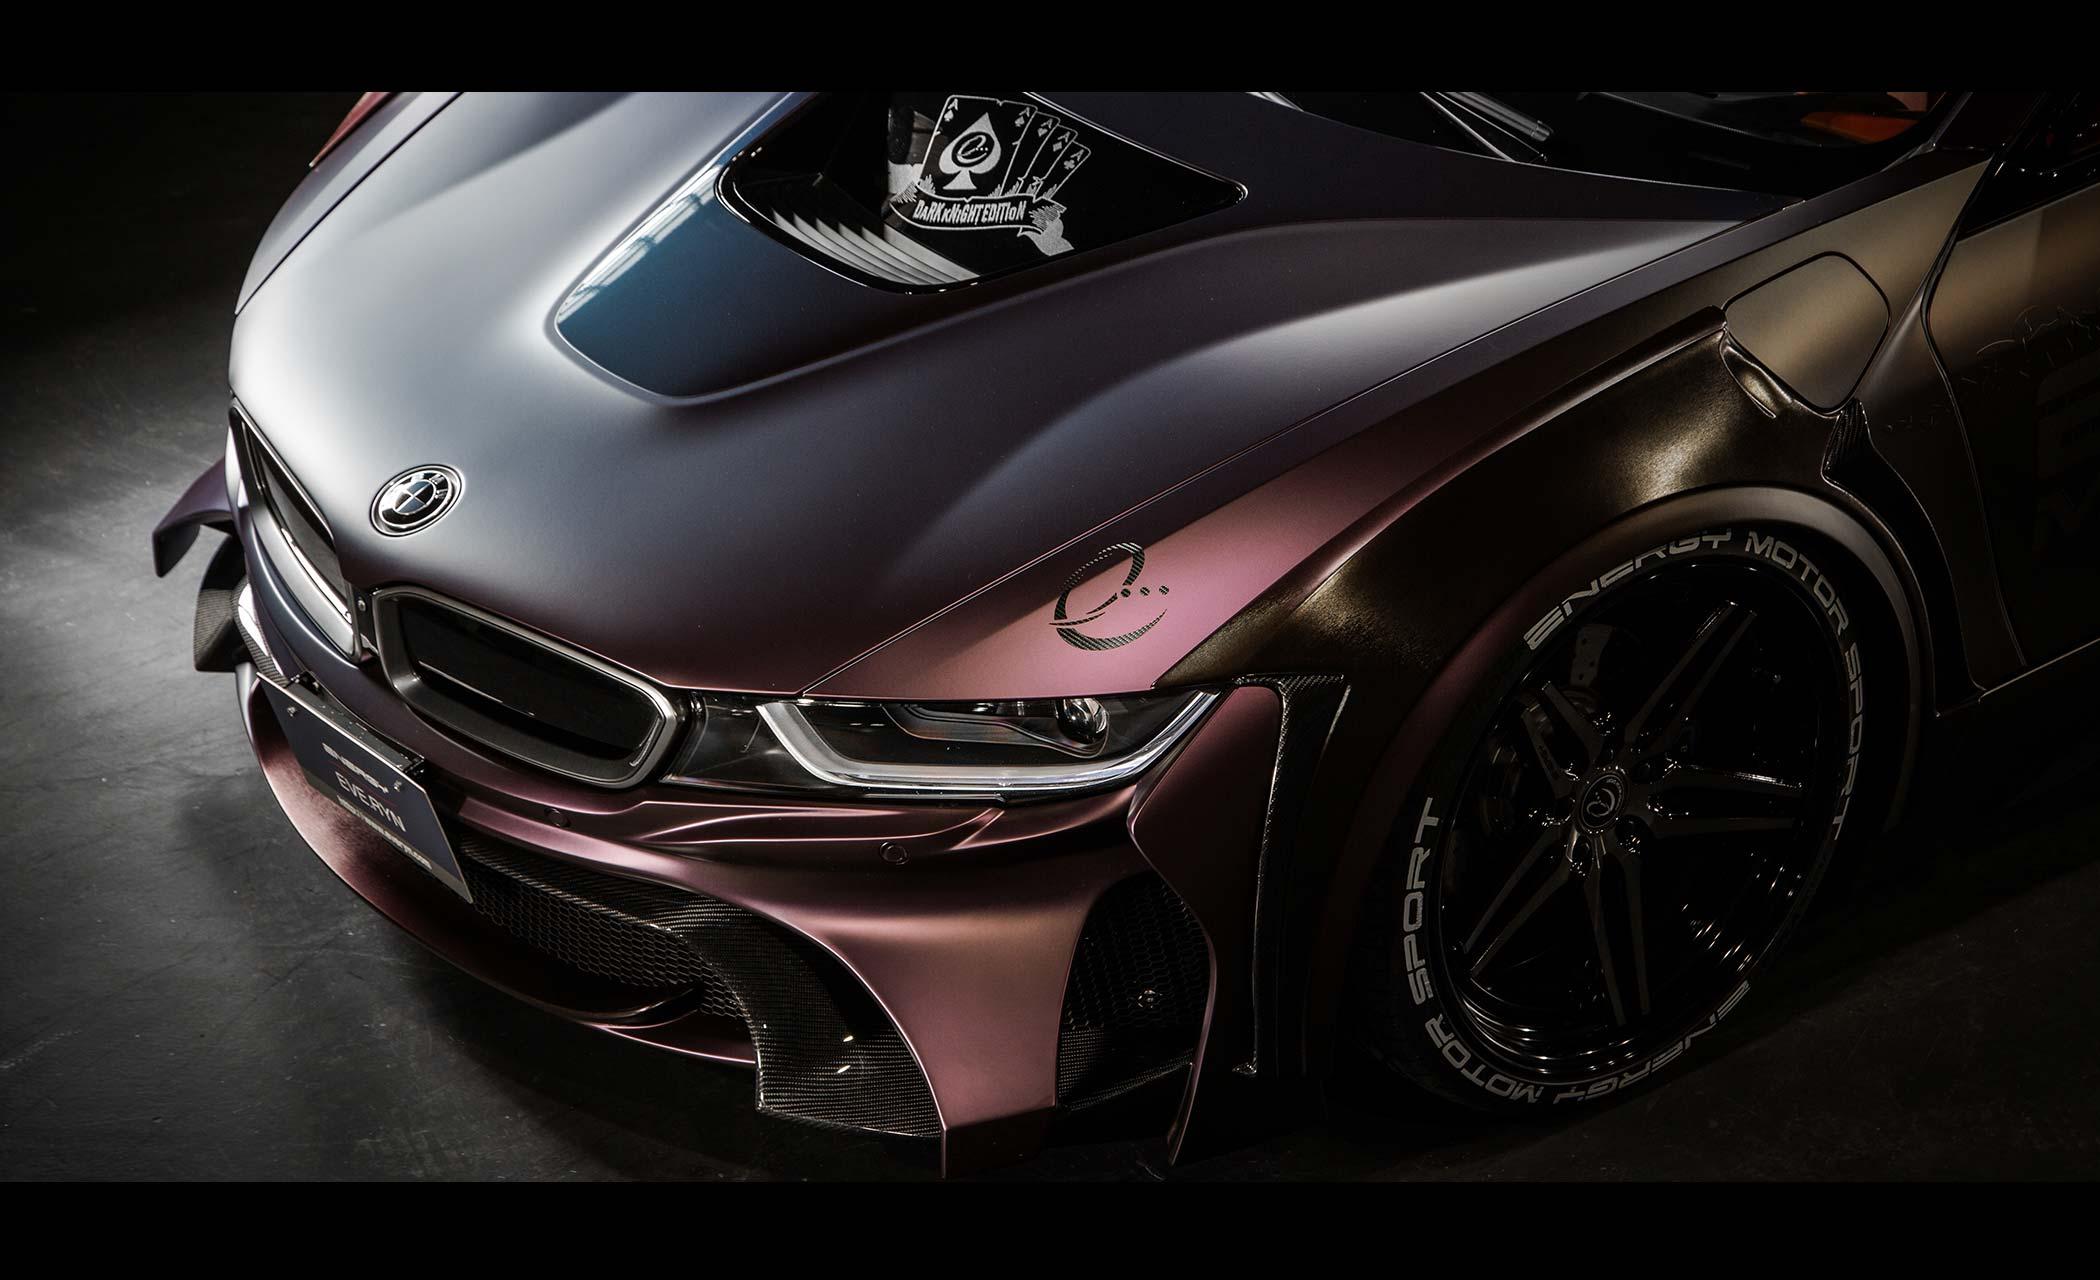 Energy Motorsport - BMW i8 Dark Knight Edition - 2017 - Joker hood